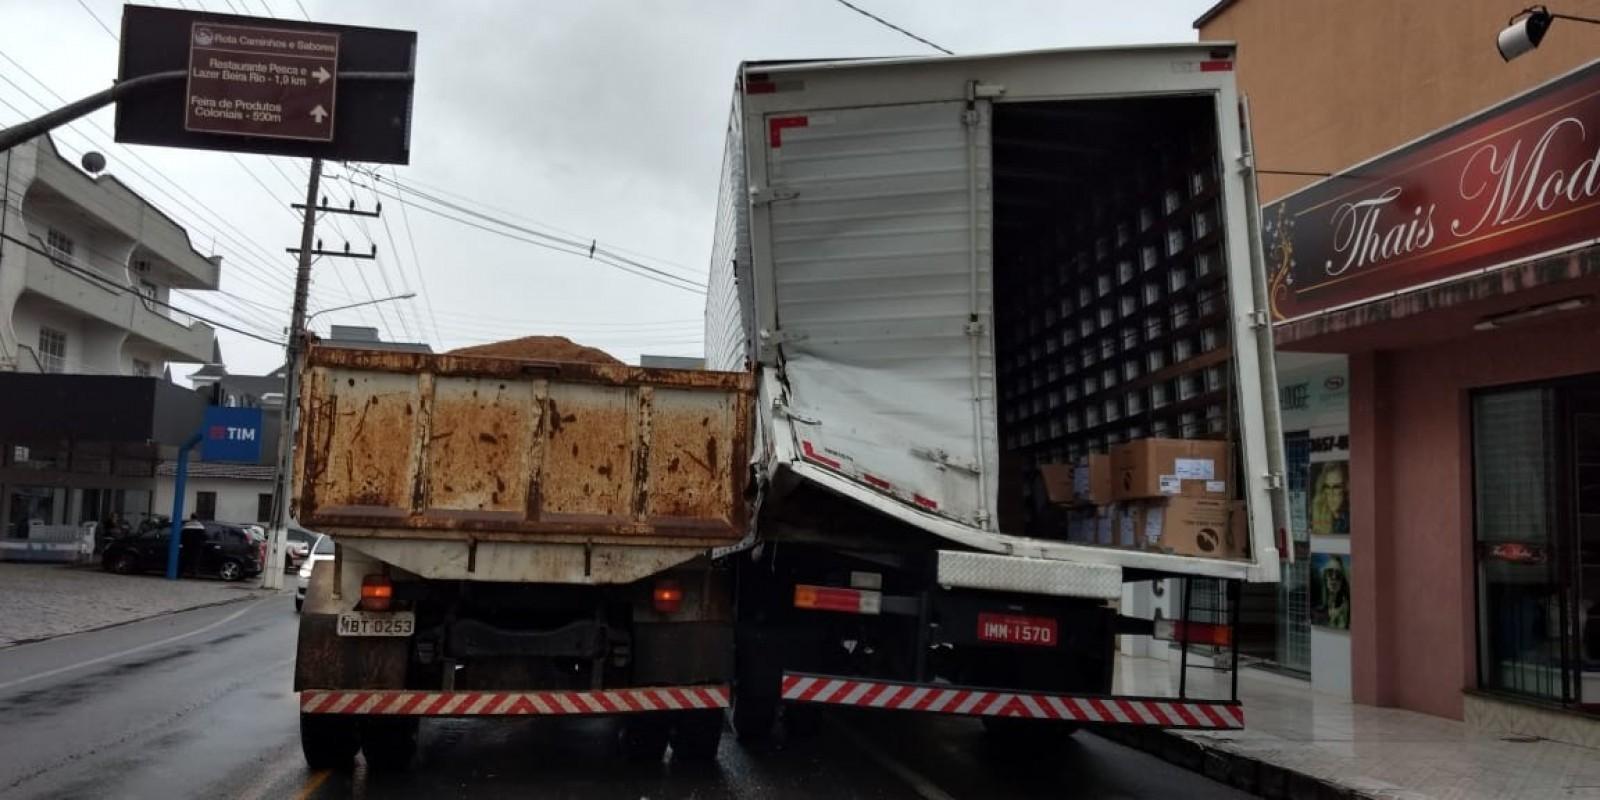 Colisão envolvendo dois caminhões é registrada em São Ludgero